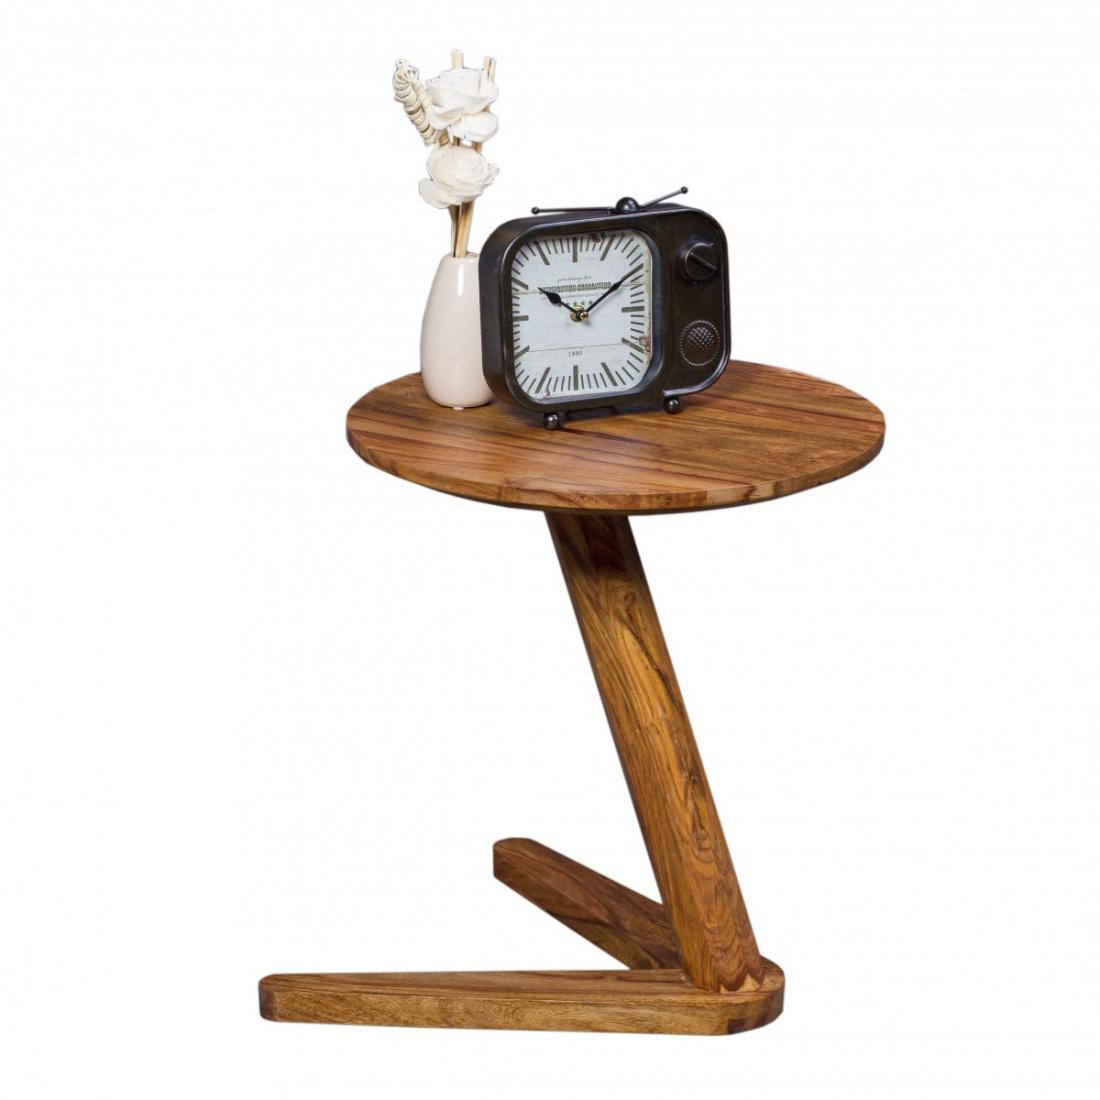 Wohnling Beistelltisch Massivholz Sheesham Design Wohnzimmer Tisch 45 X 45cm Rund Nachttisch Natur Holz Landhaus Stil